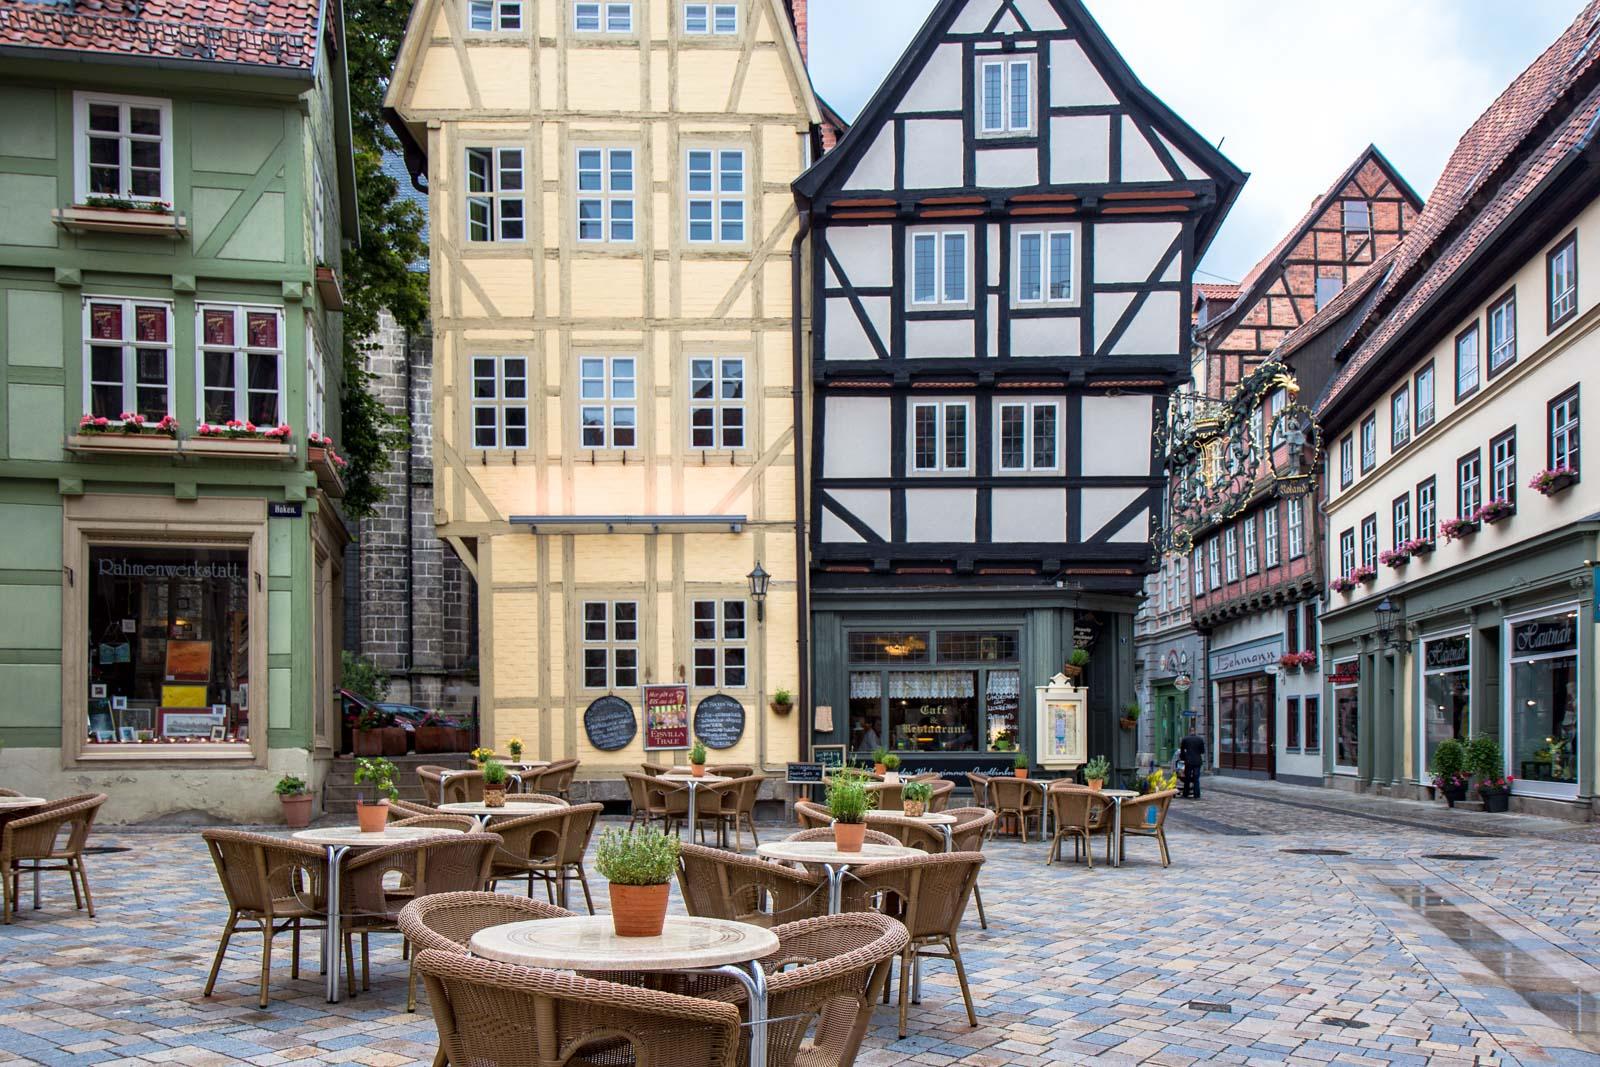 Quedlinburg medieval town, Germany